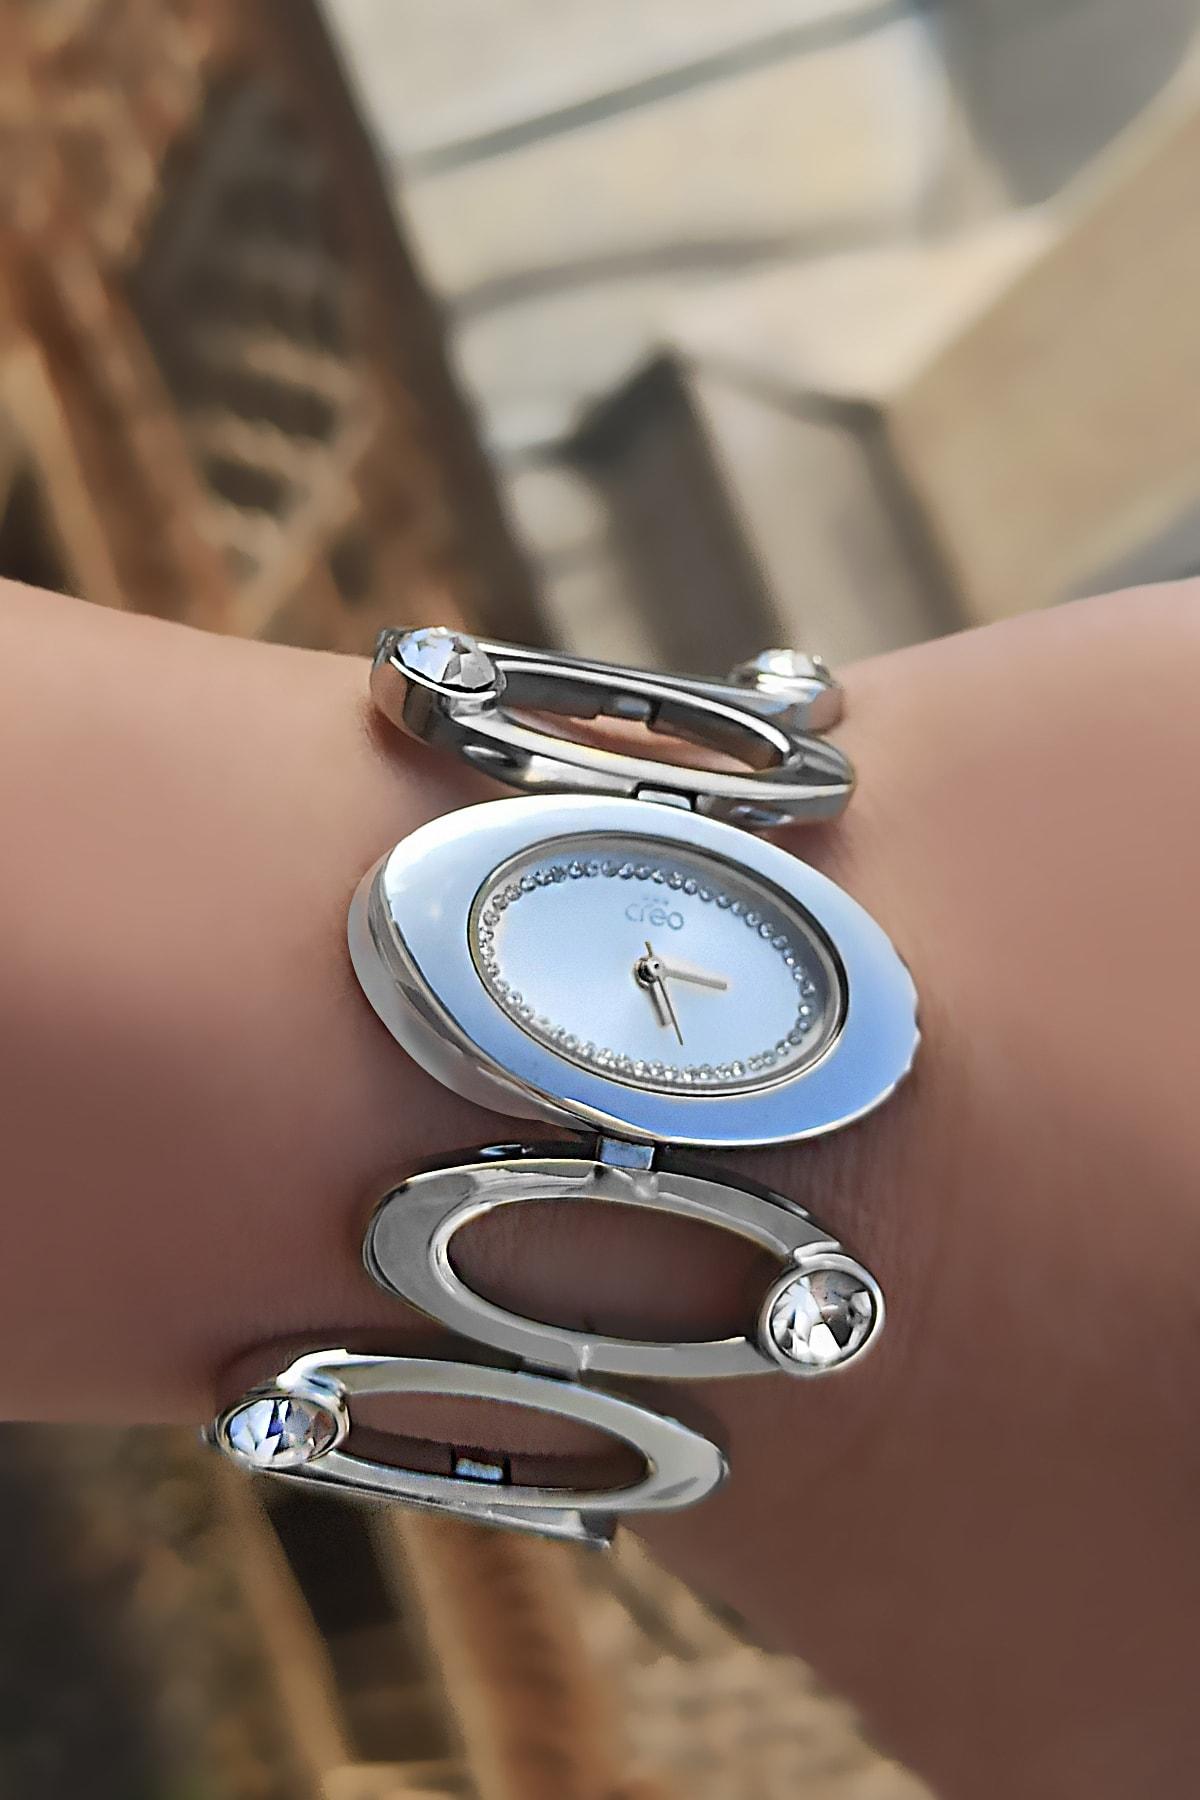 CREO Kadın Kol Saati Wmk-1278 1